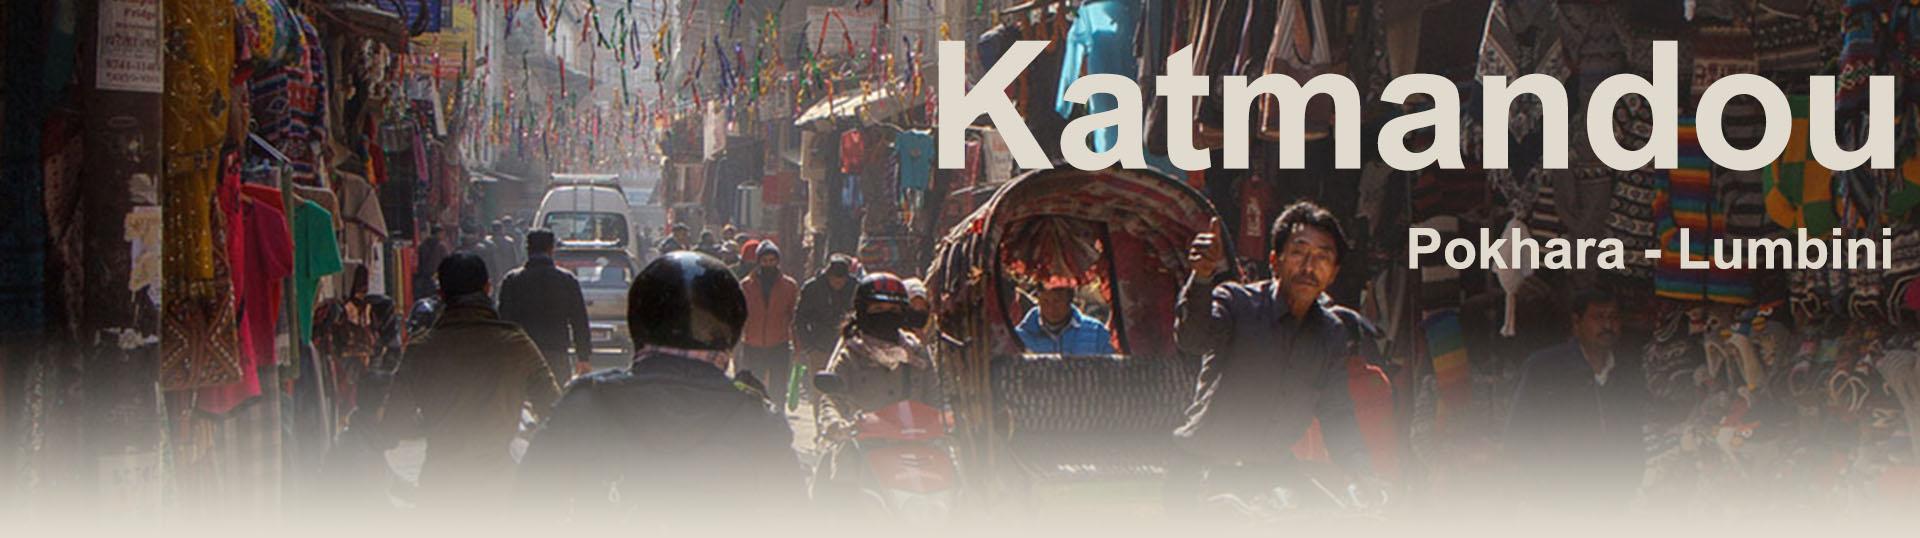 Kathmandou Phokhara Lumbini tour